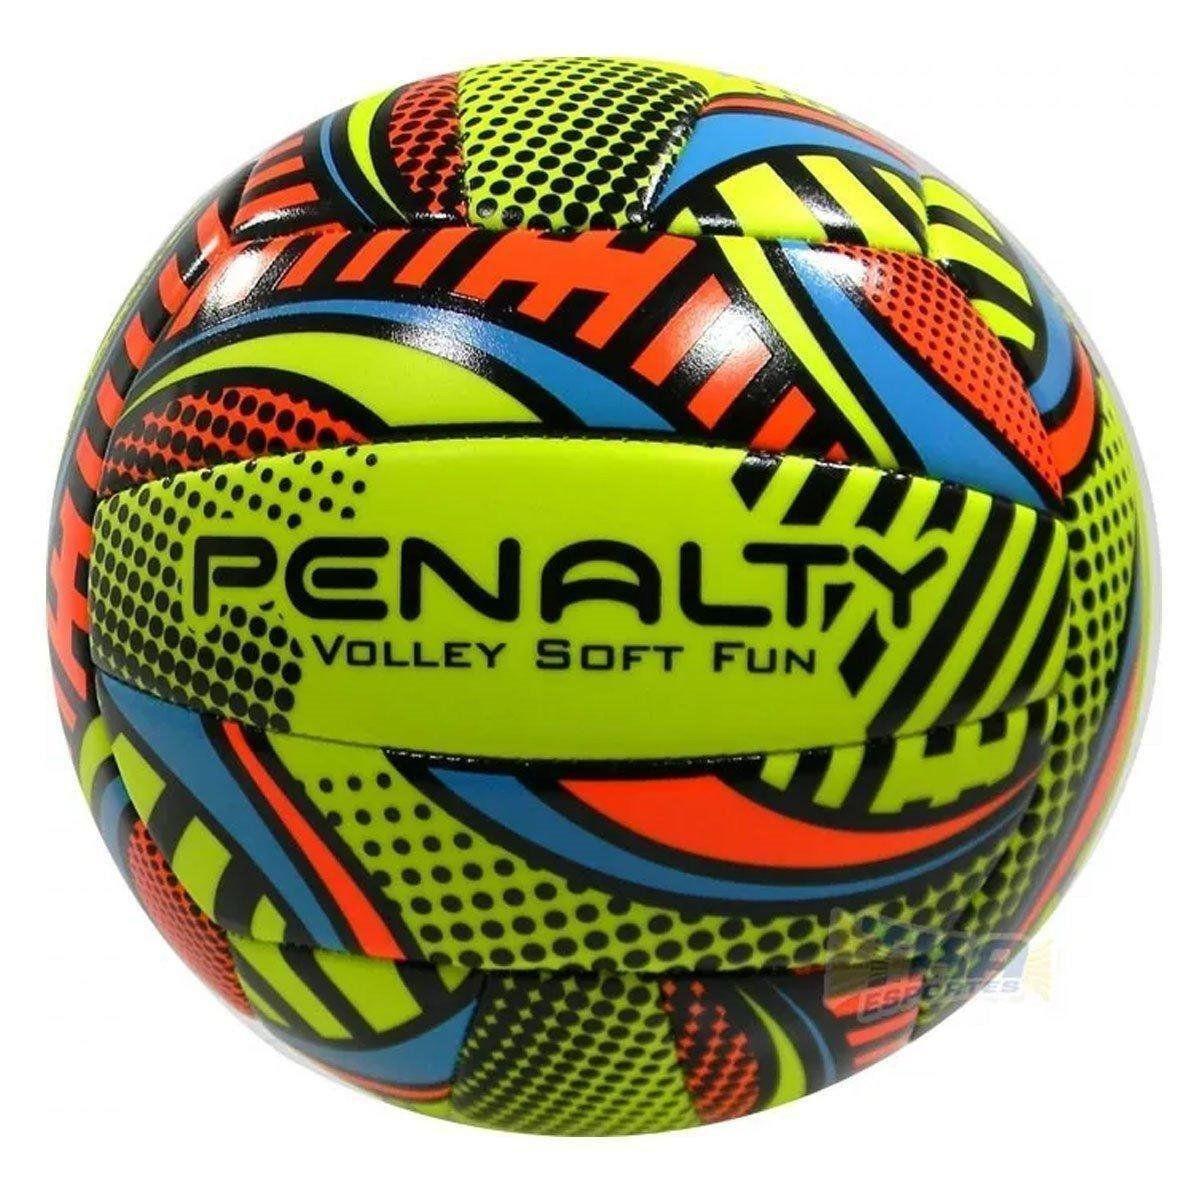 Bola de Volei Penalty 51078 Soft Fun Viii Oficial